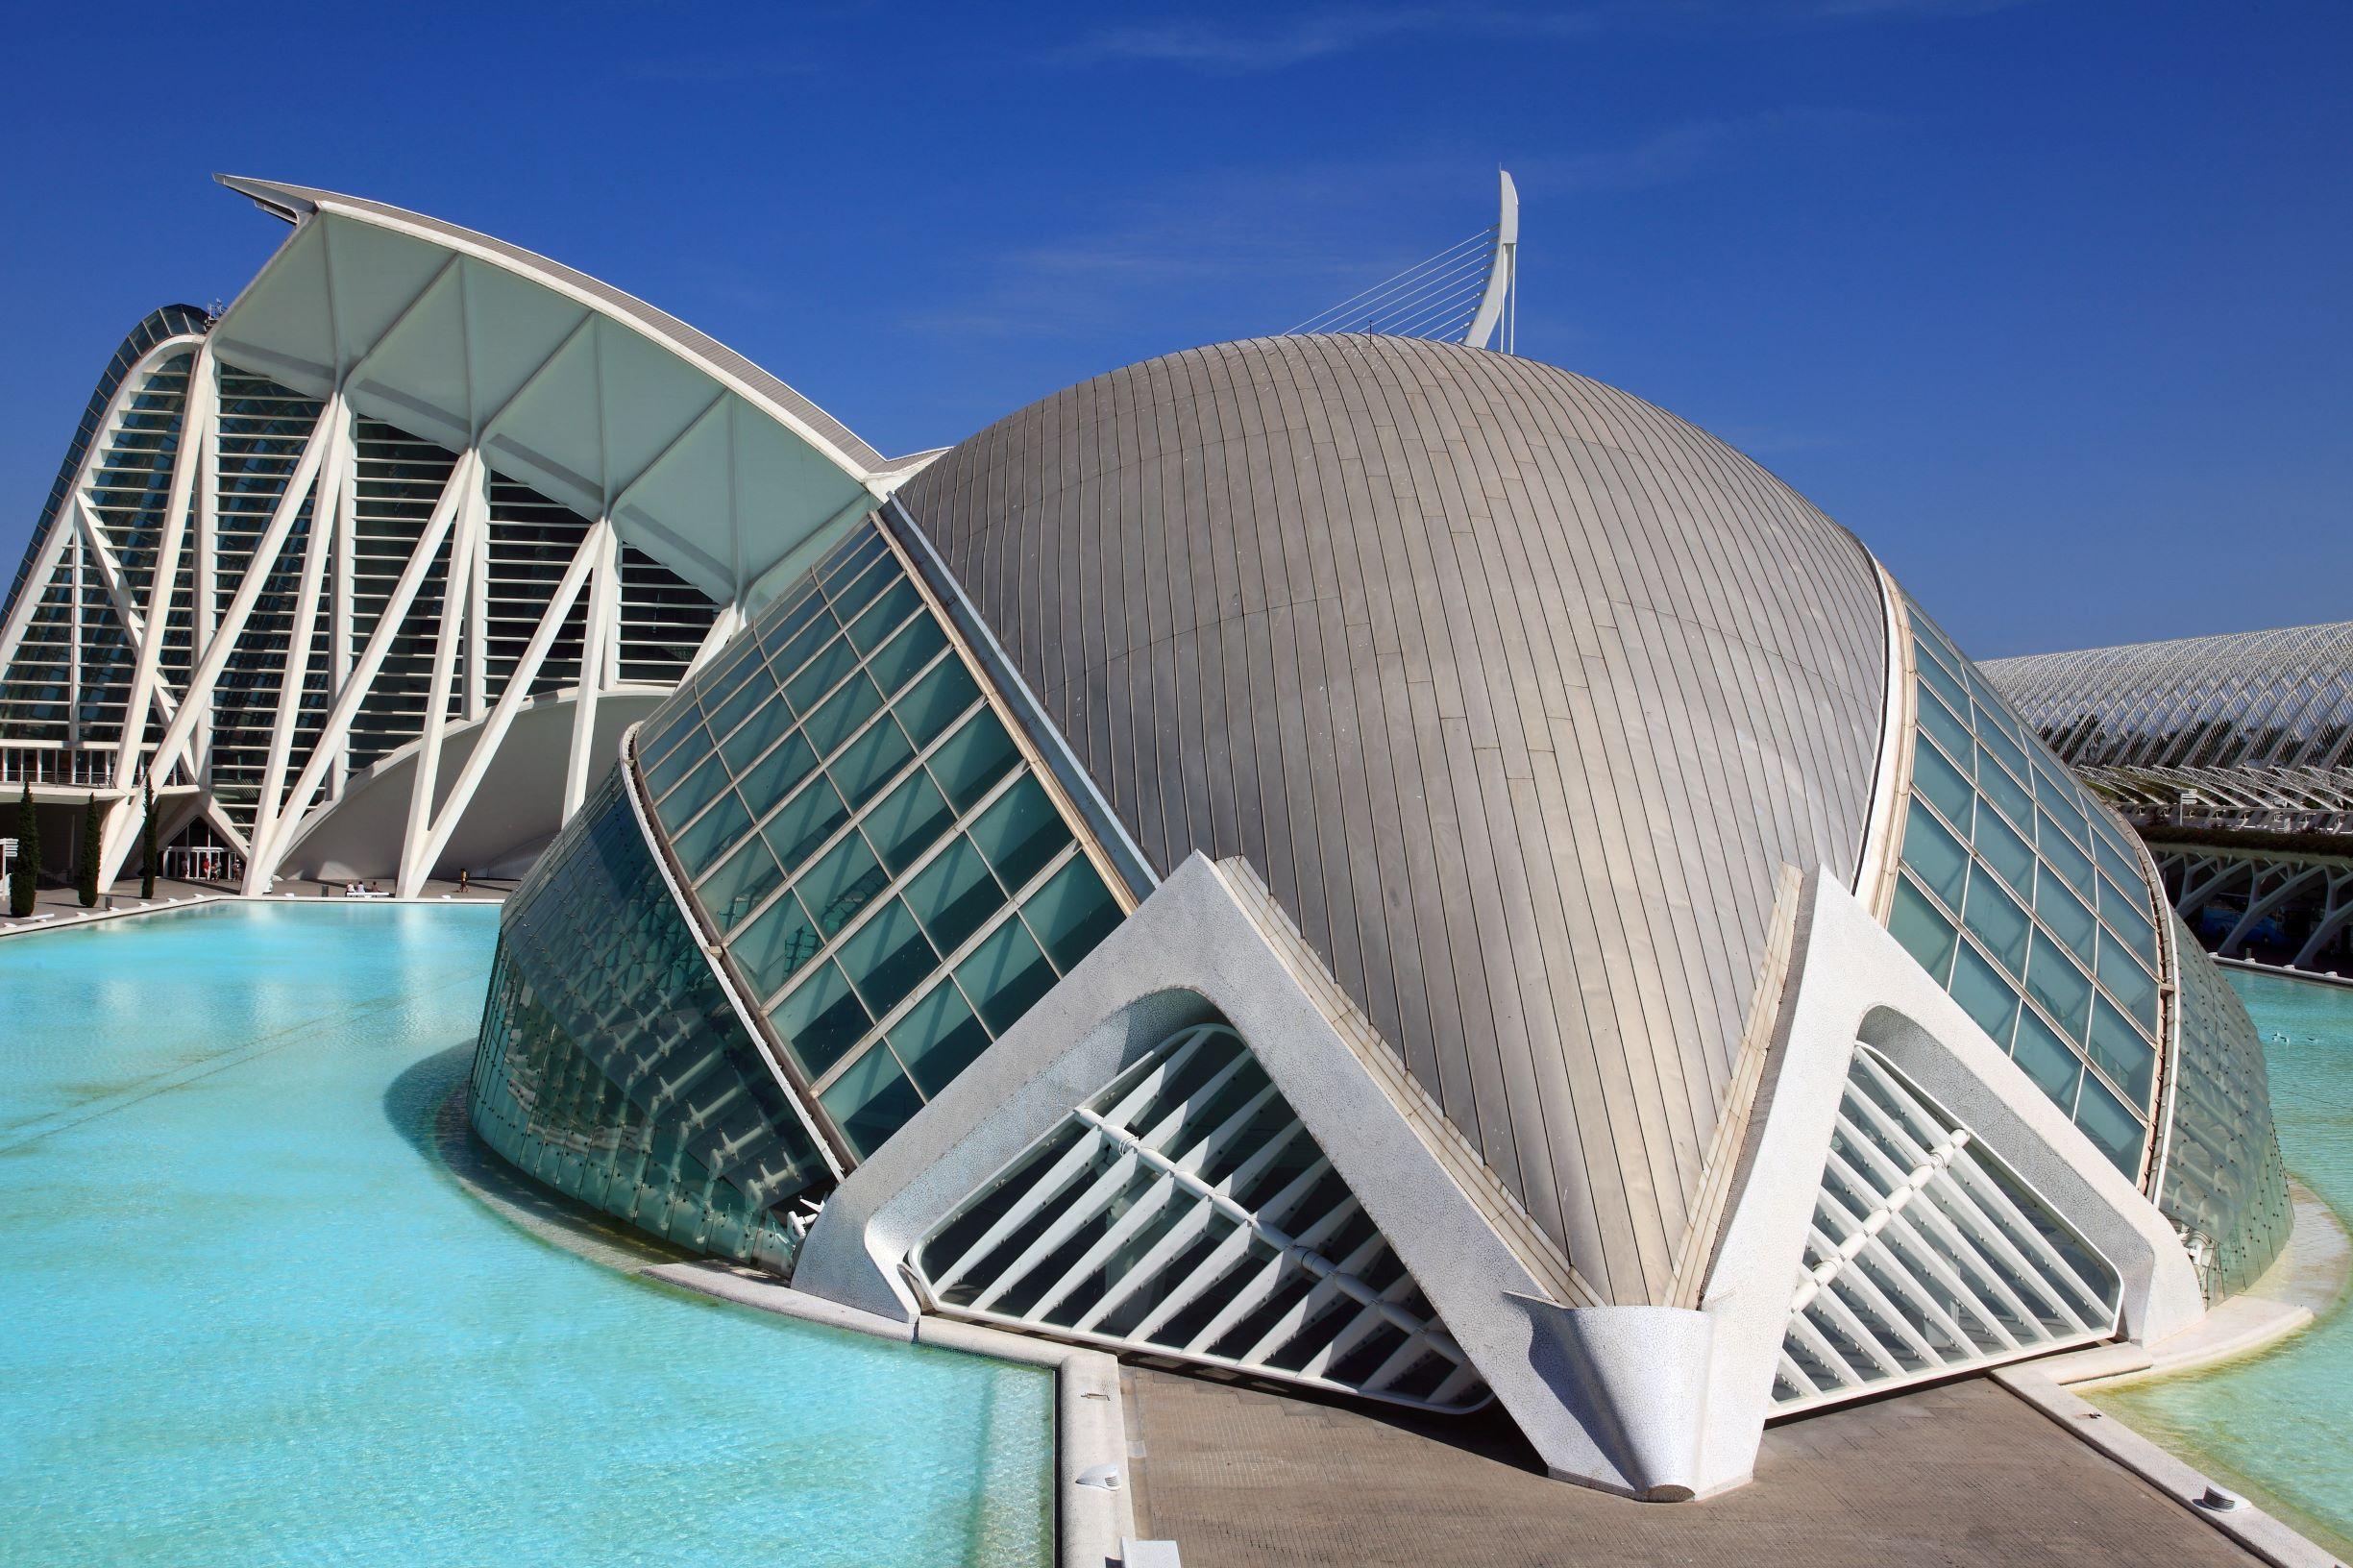 La Ciutat de les Arts i les Ciències oferta losmiércoles la entrada combinada del Museu y el Hemisfèric a la mitad de precio